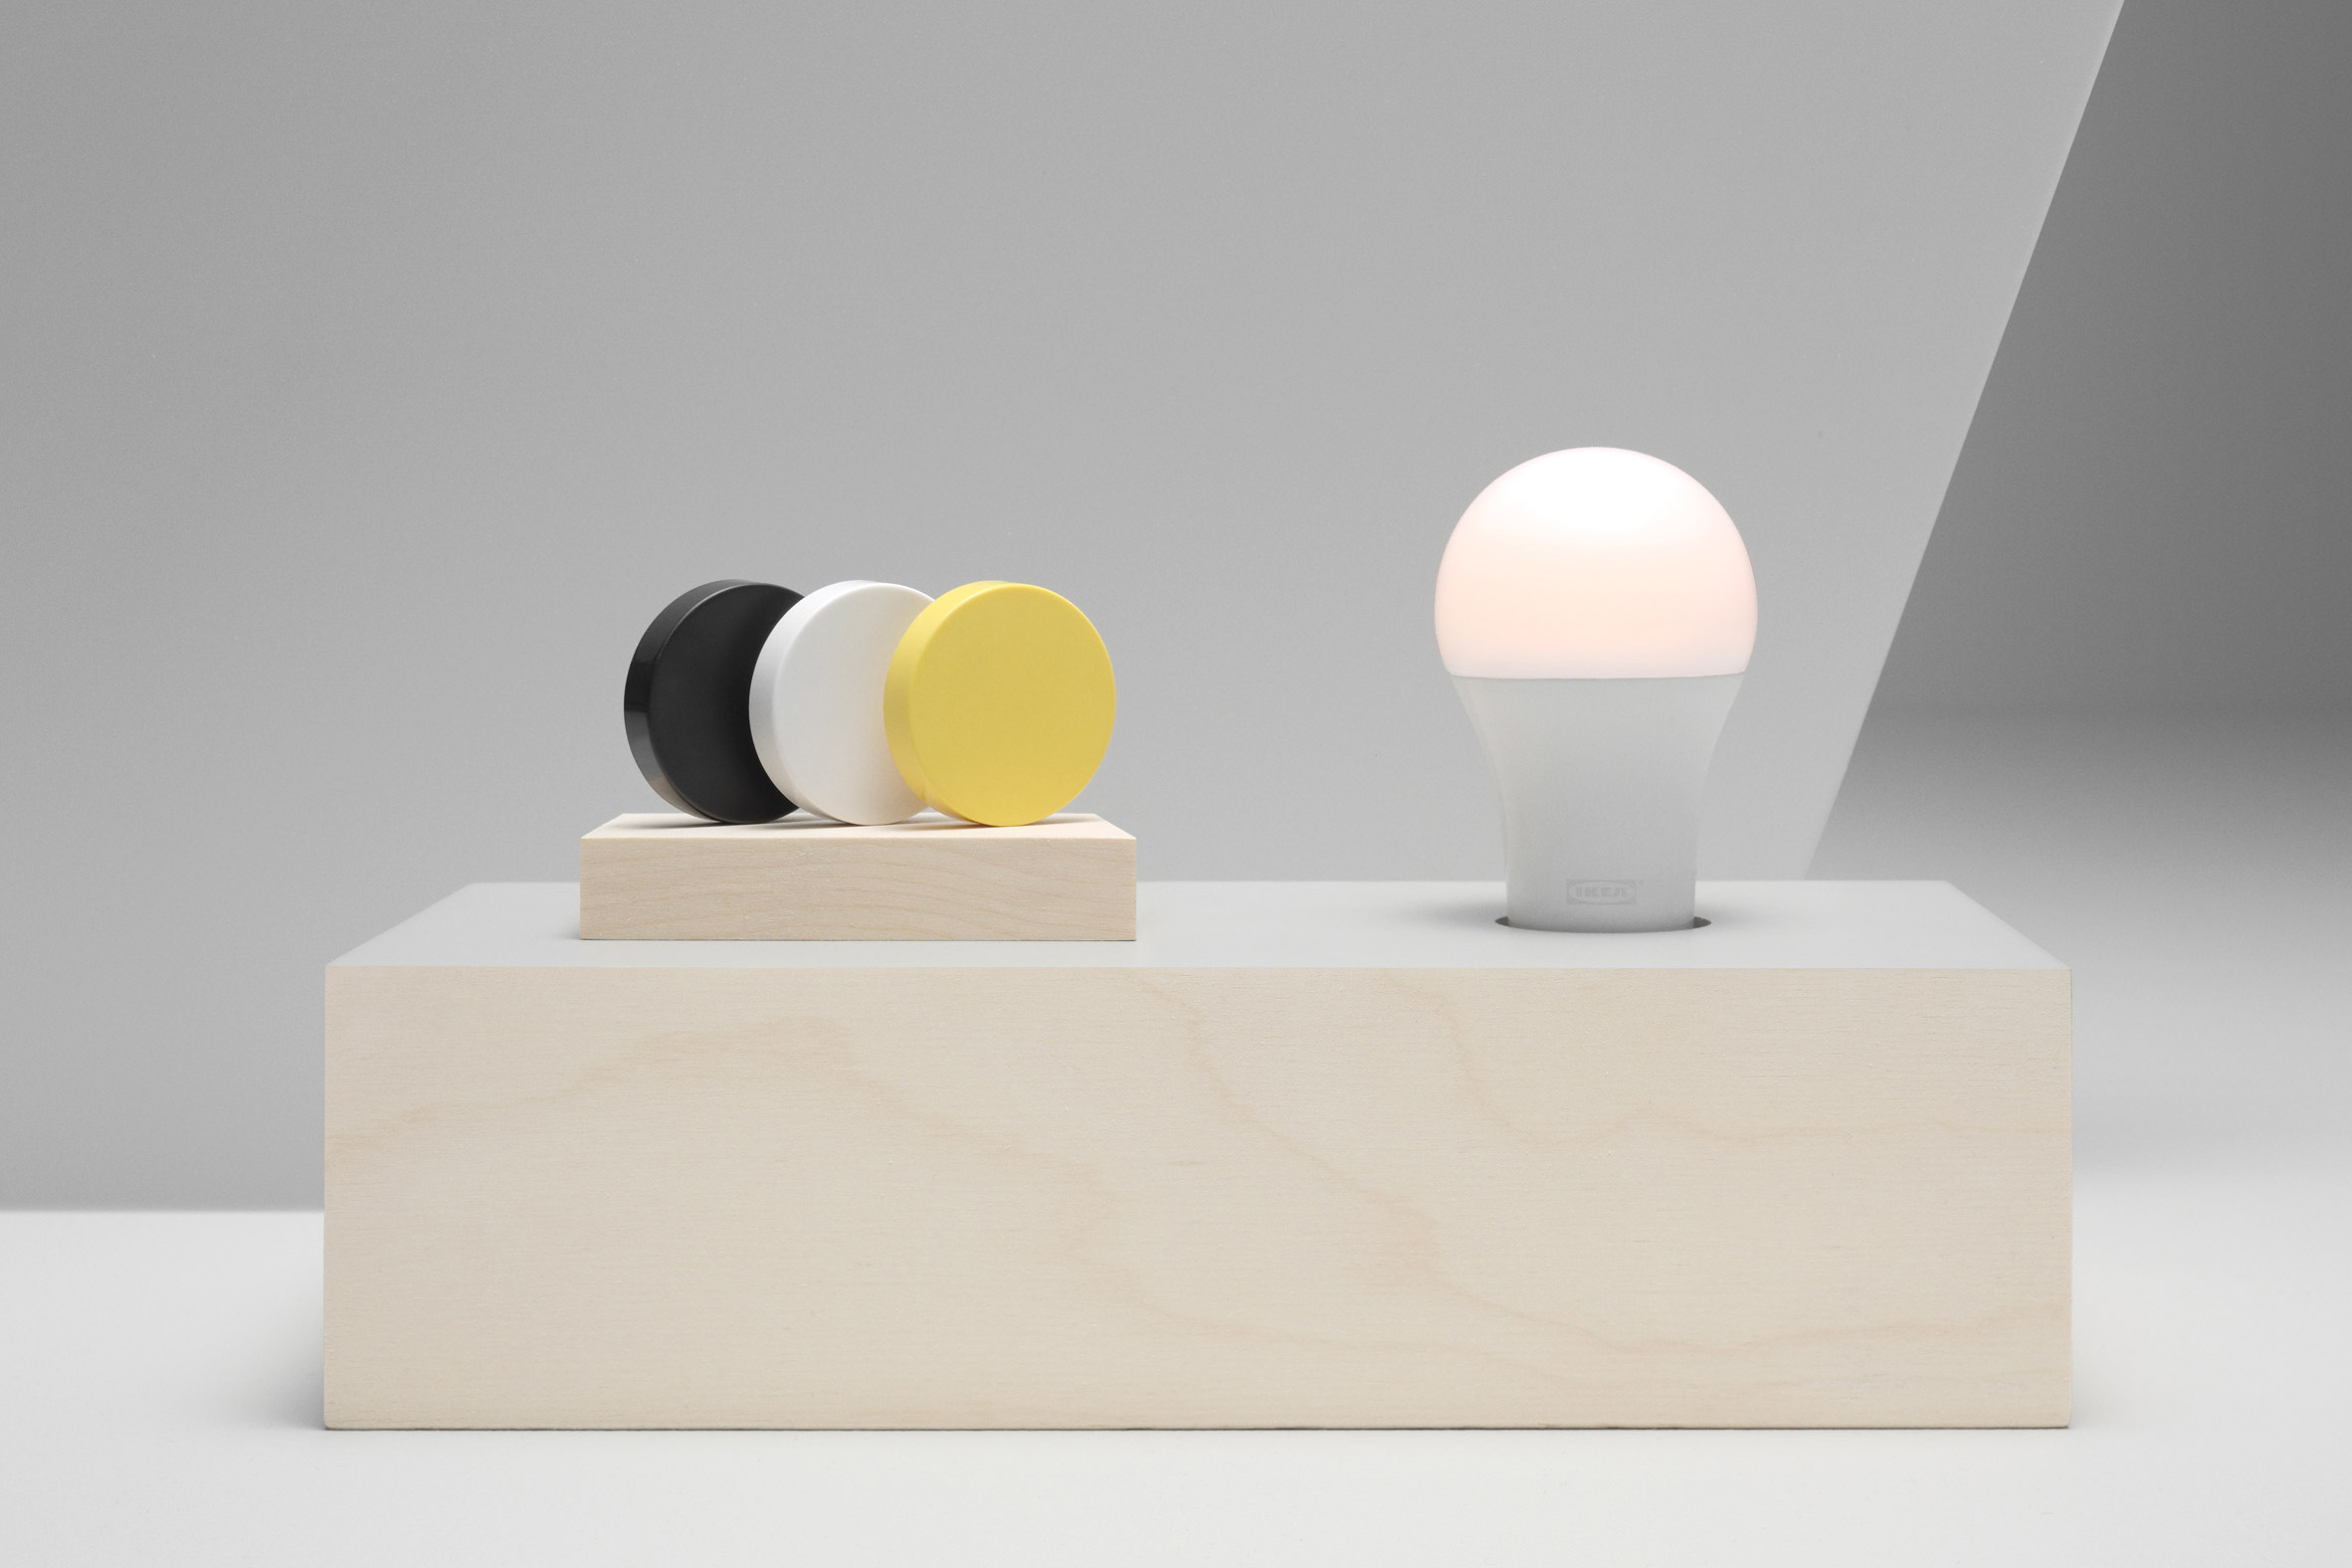 ikea-smart-lights-design-lighting-lamps_dezeen_2364_col_1.jpg